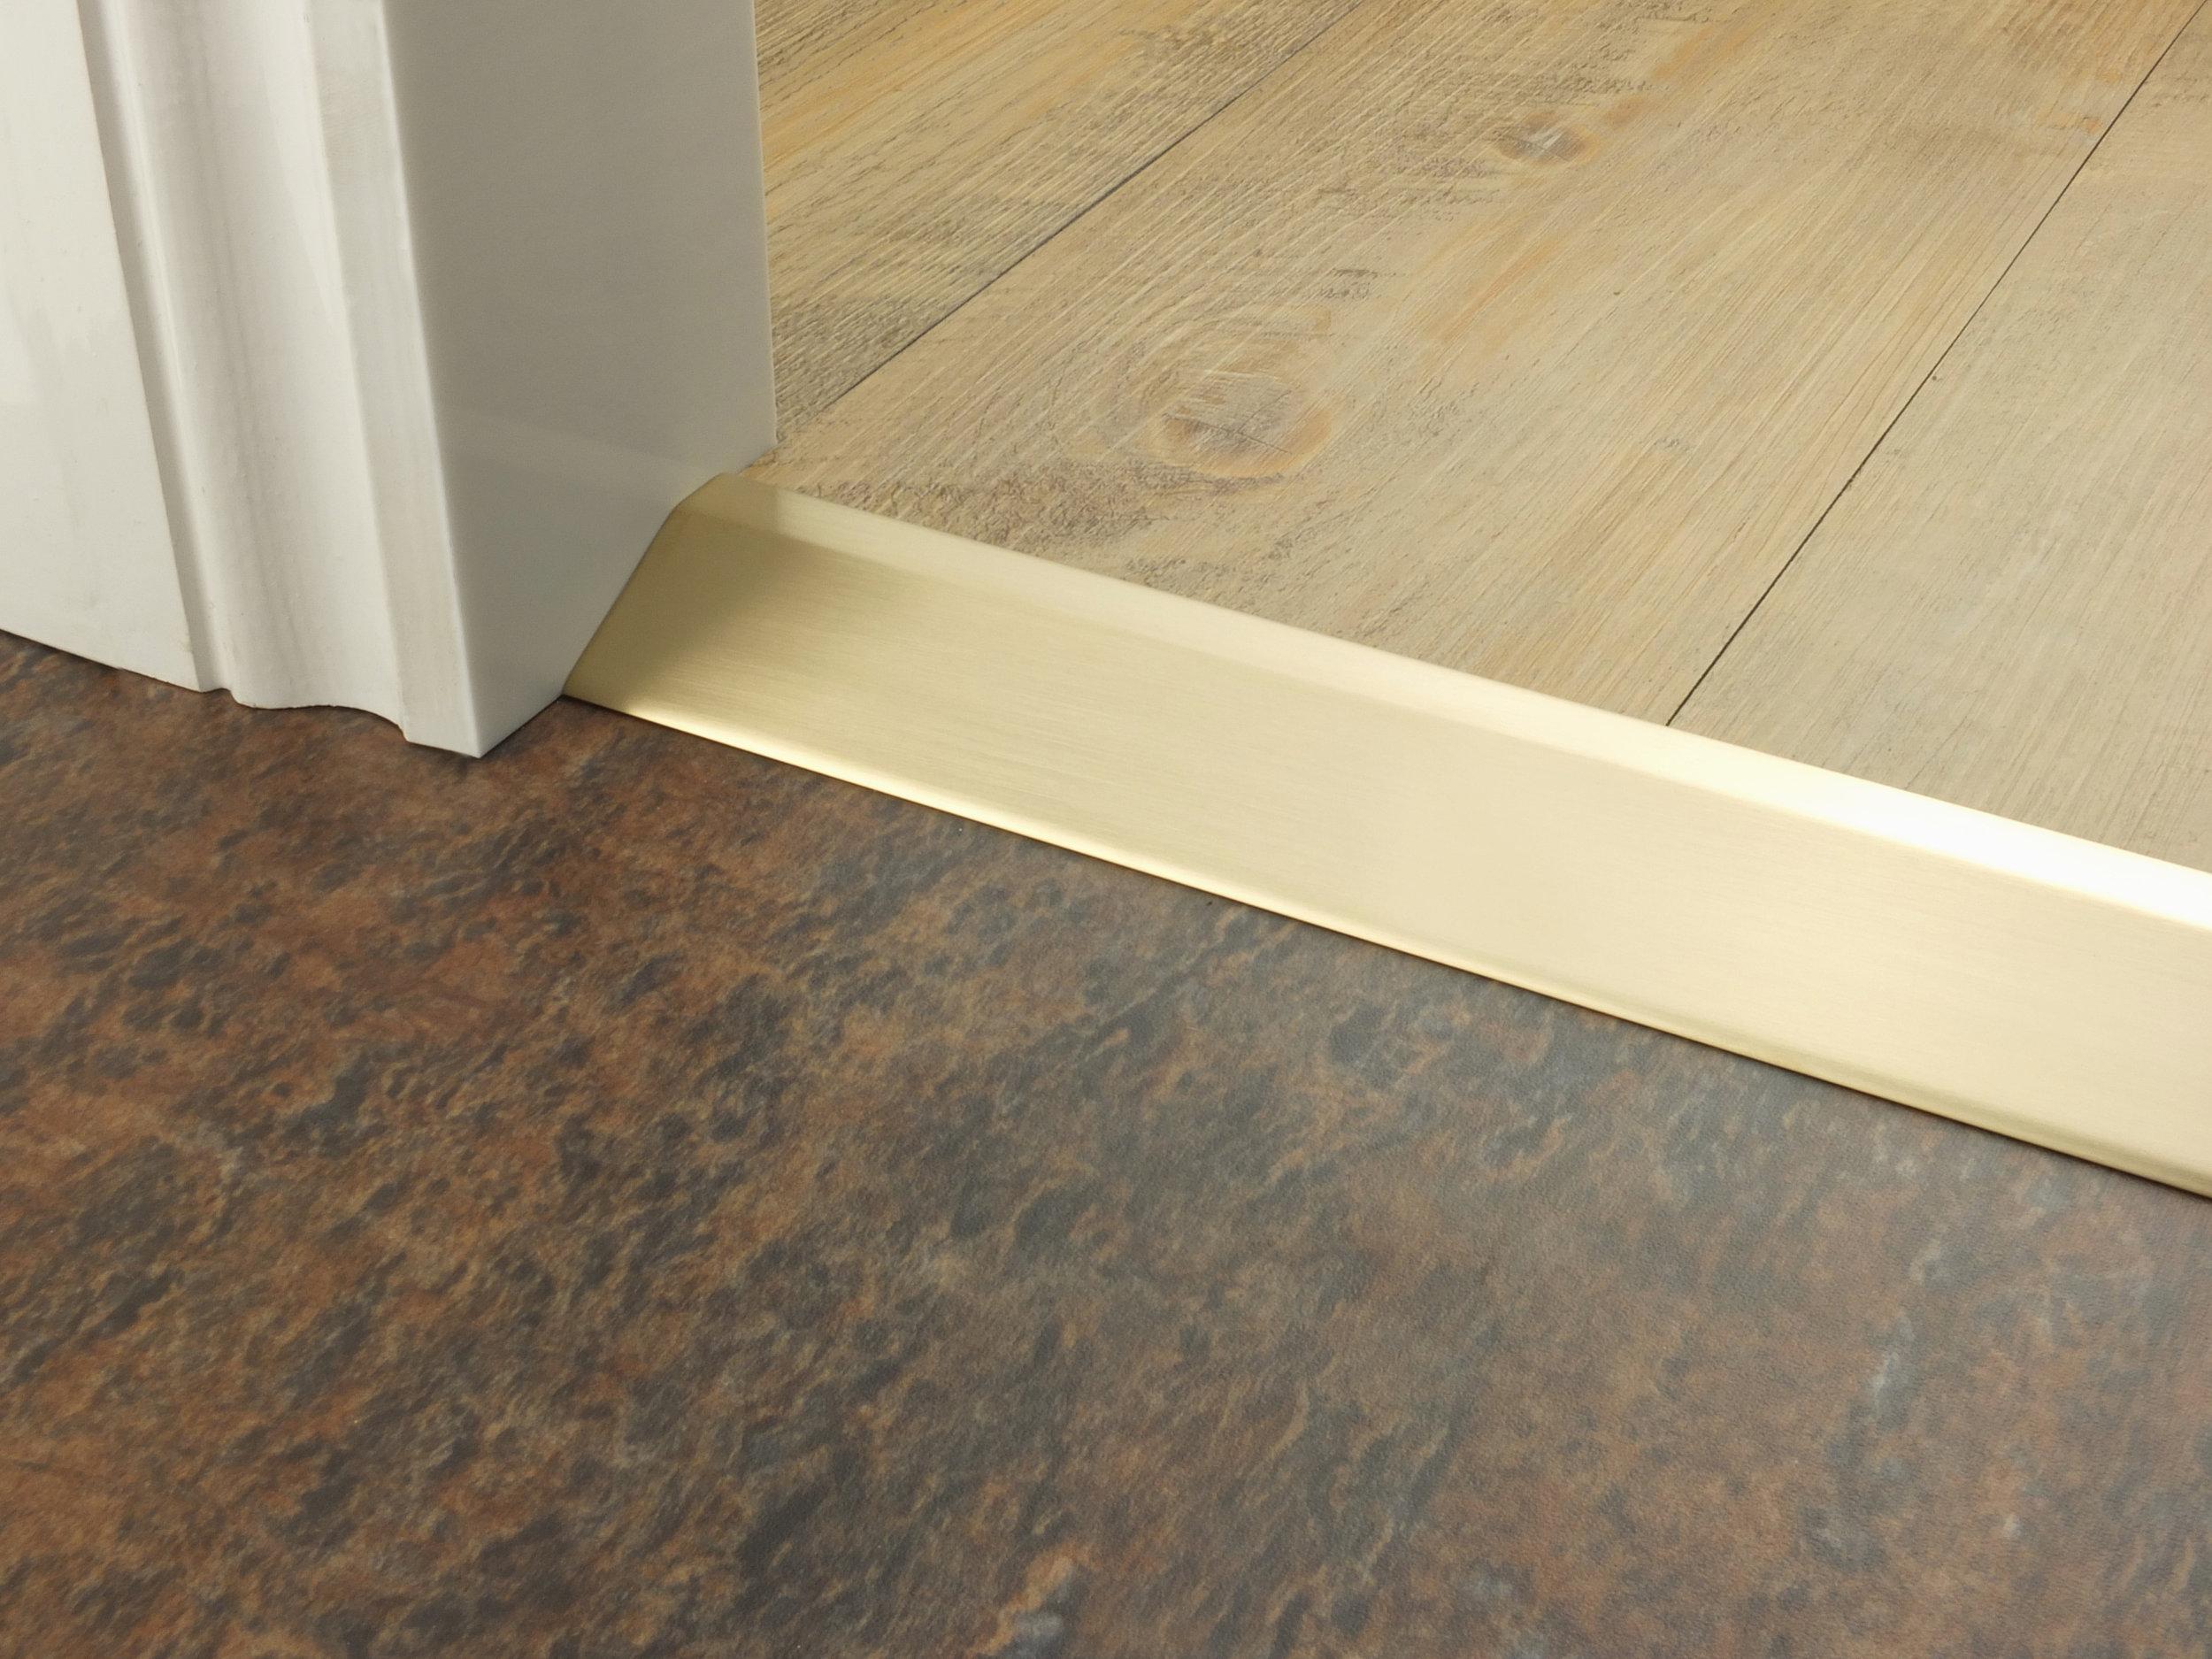 stairrods-doorbar-satin-brass-16mm-ramp.jpg